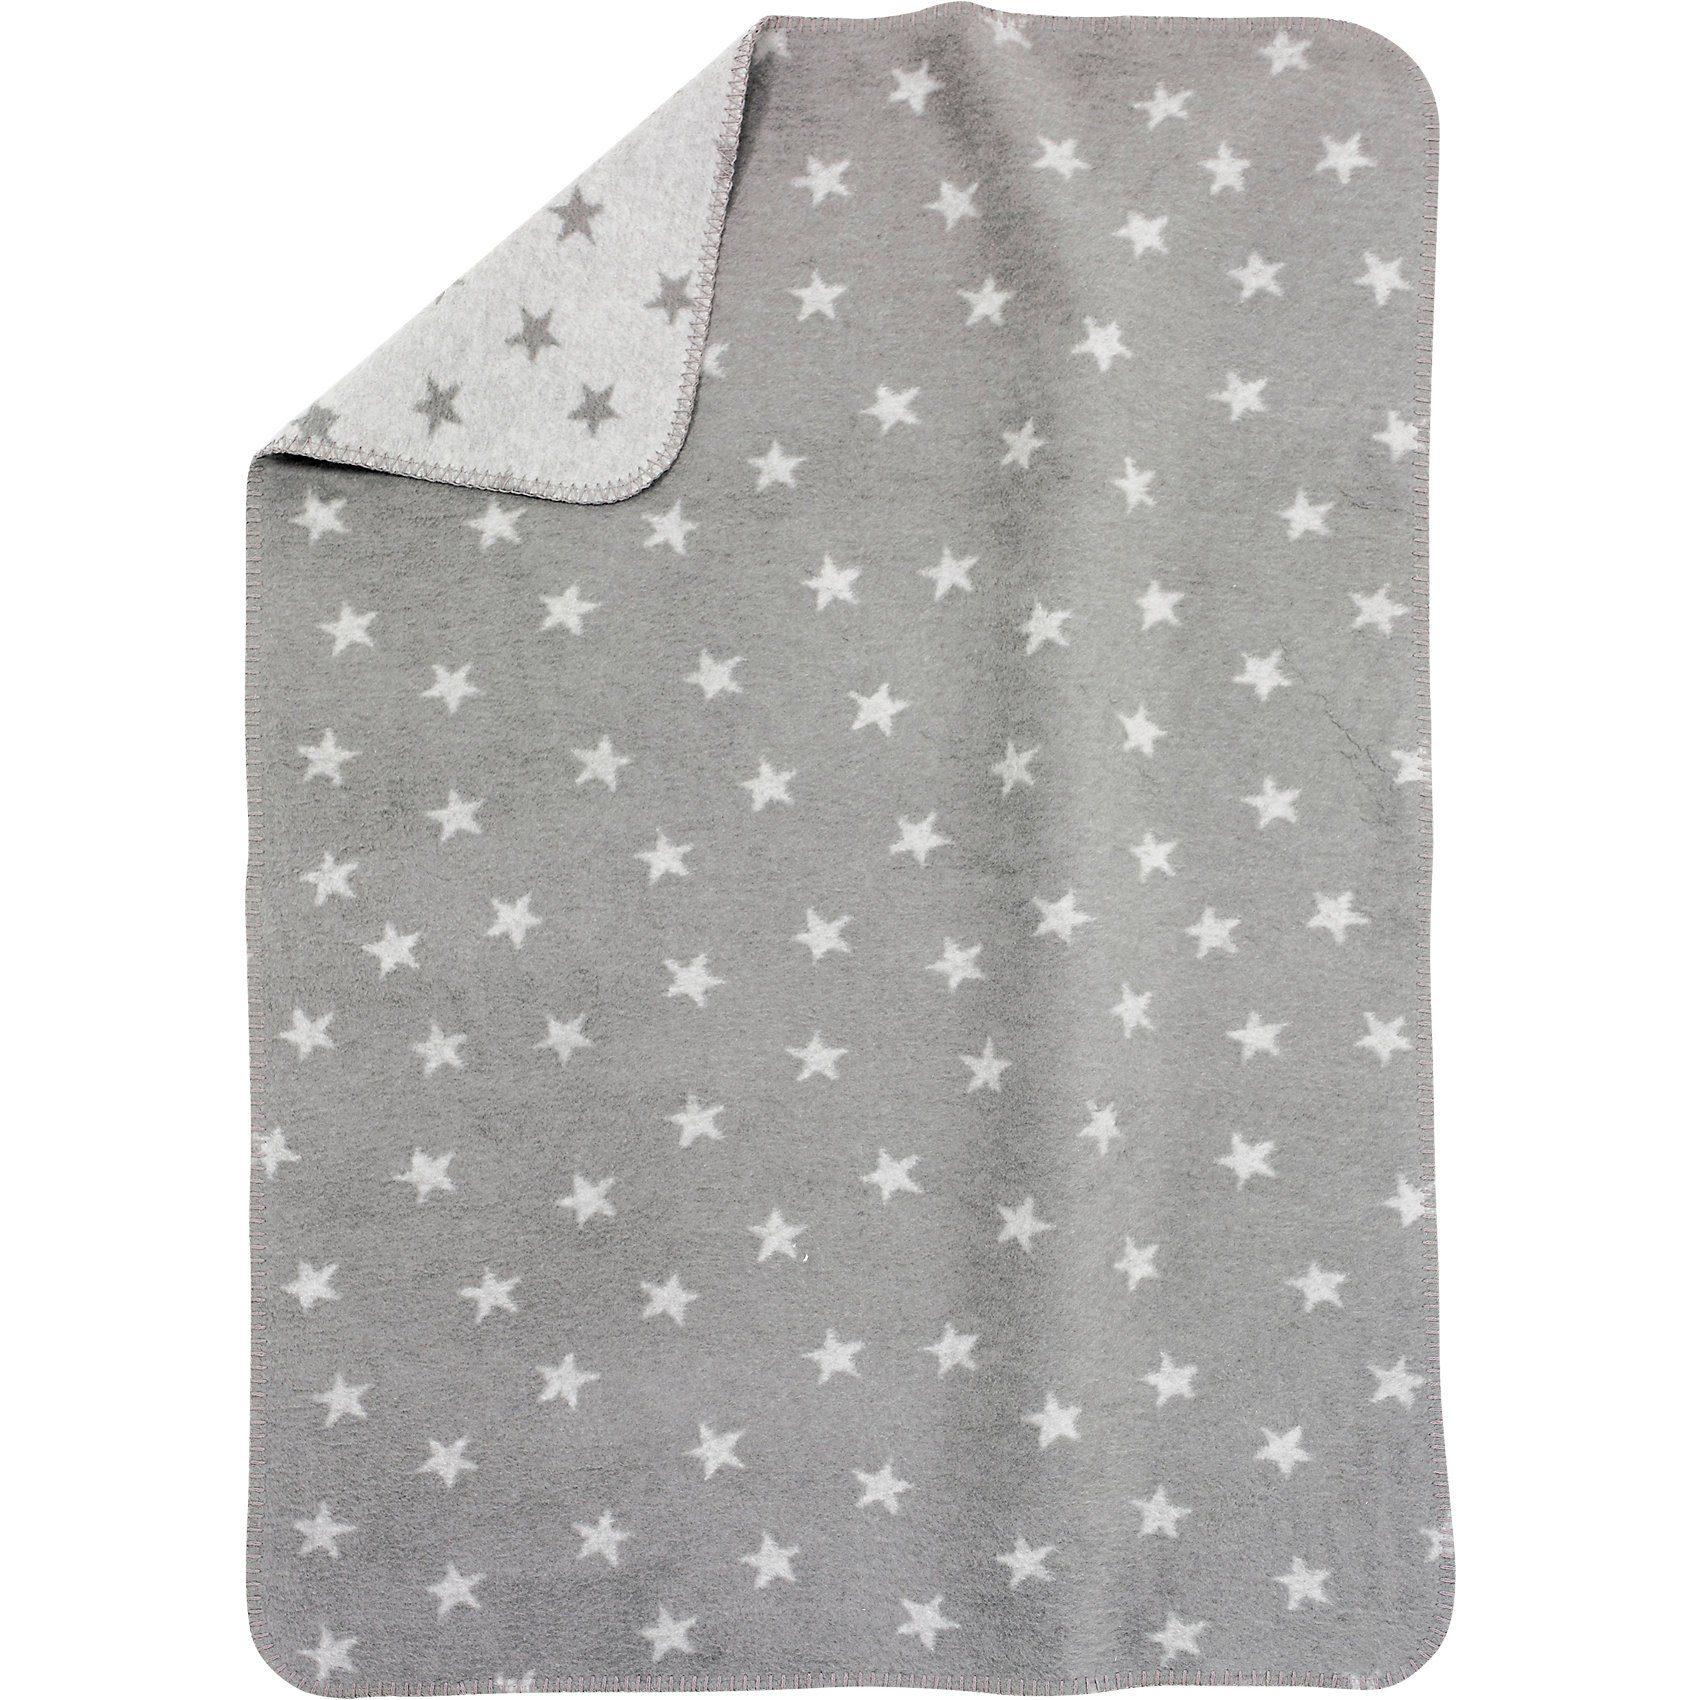 Alvi Babydecke mit UV-Schutz, Baumwolle, Sterne grau, 75 x 100 cm